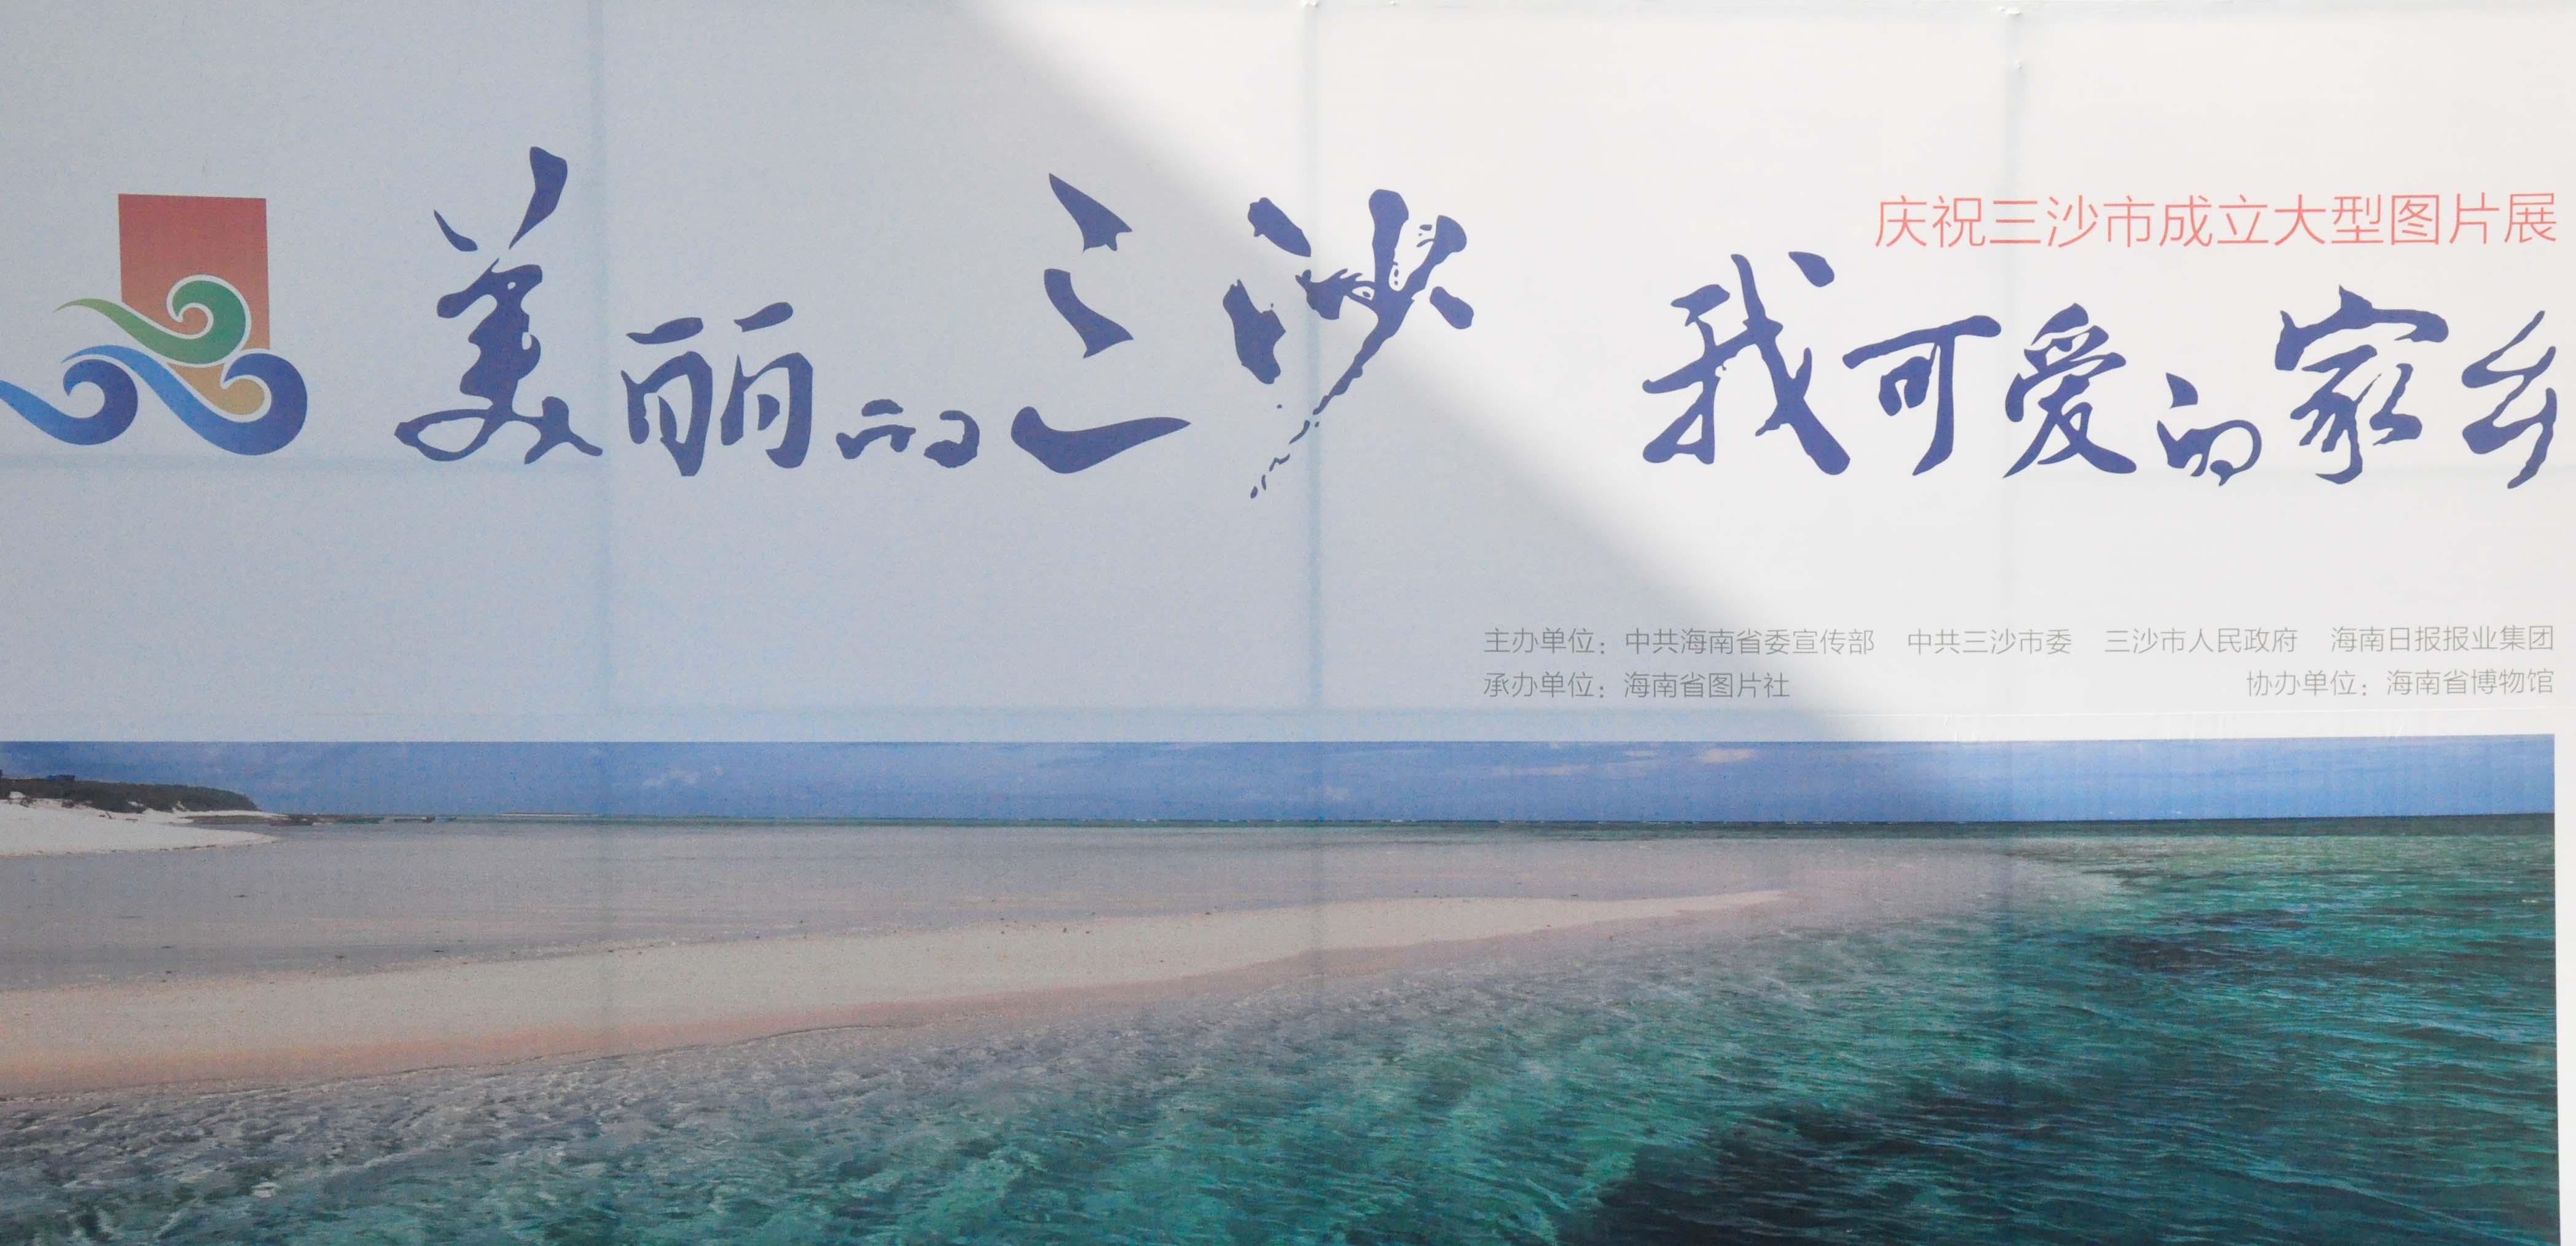 海南省国土环境资源厅机关单位参观大型图片展活动